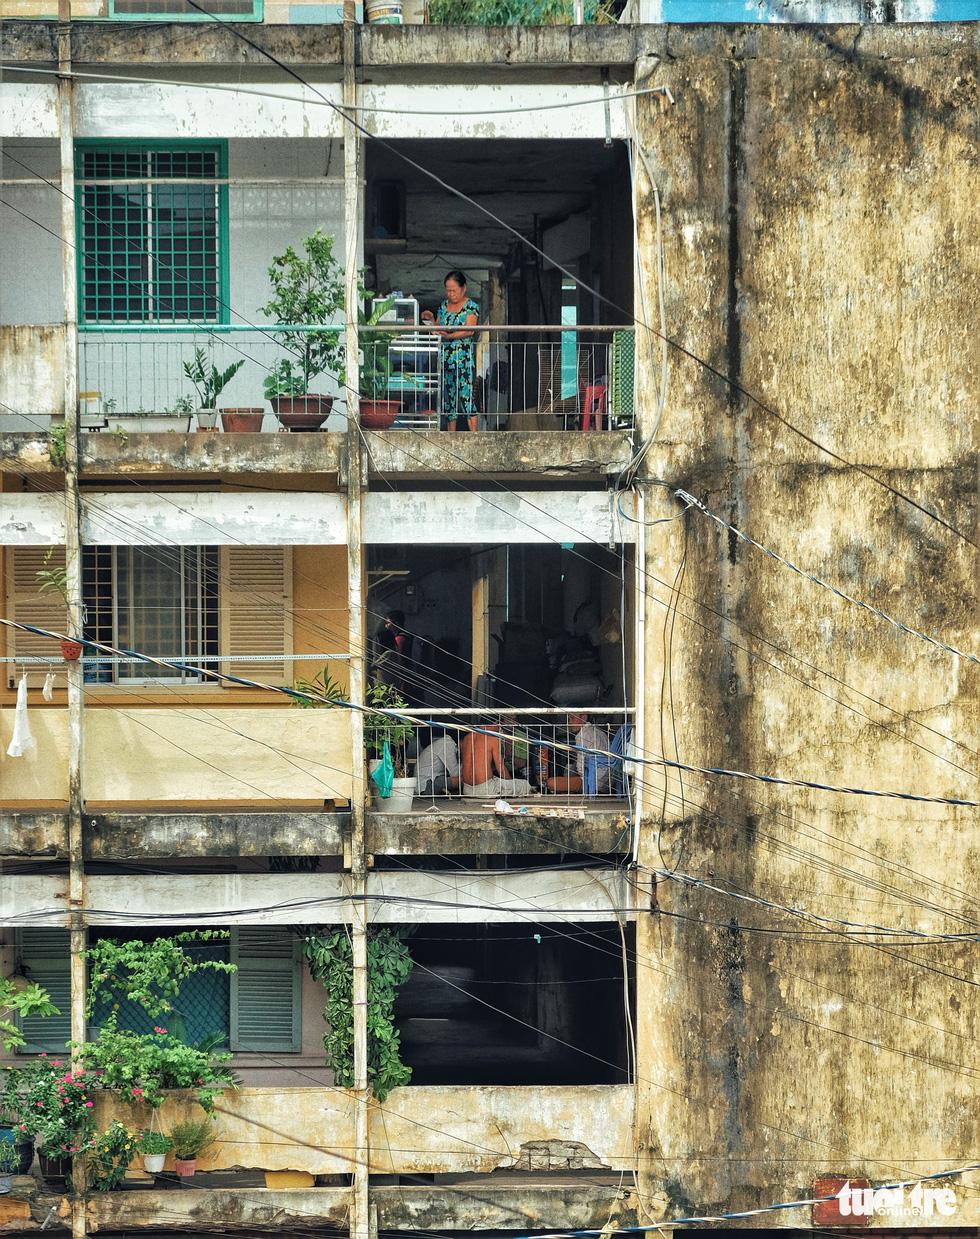 Những hình ảnh khó tin về một chung cư mà người ở vẫn cứ muốn ở - Ảnh 4.